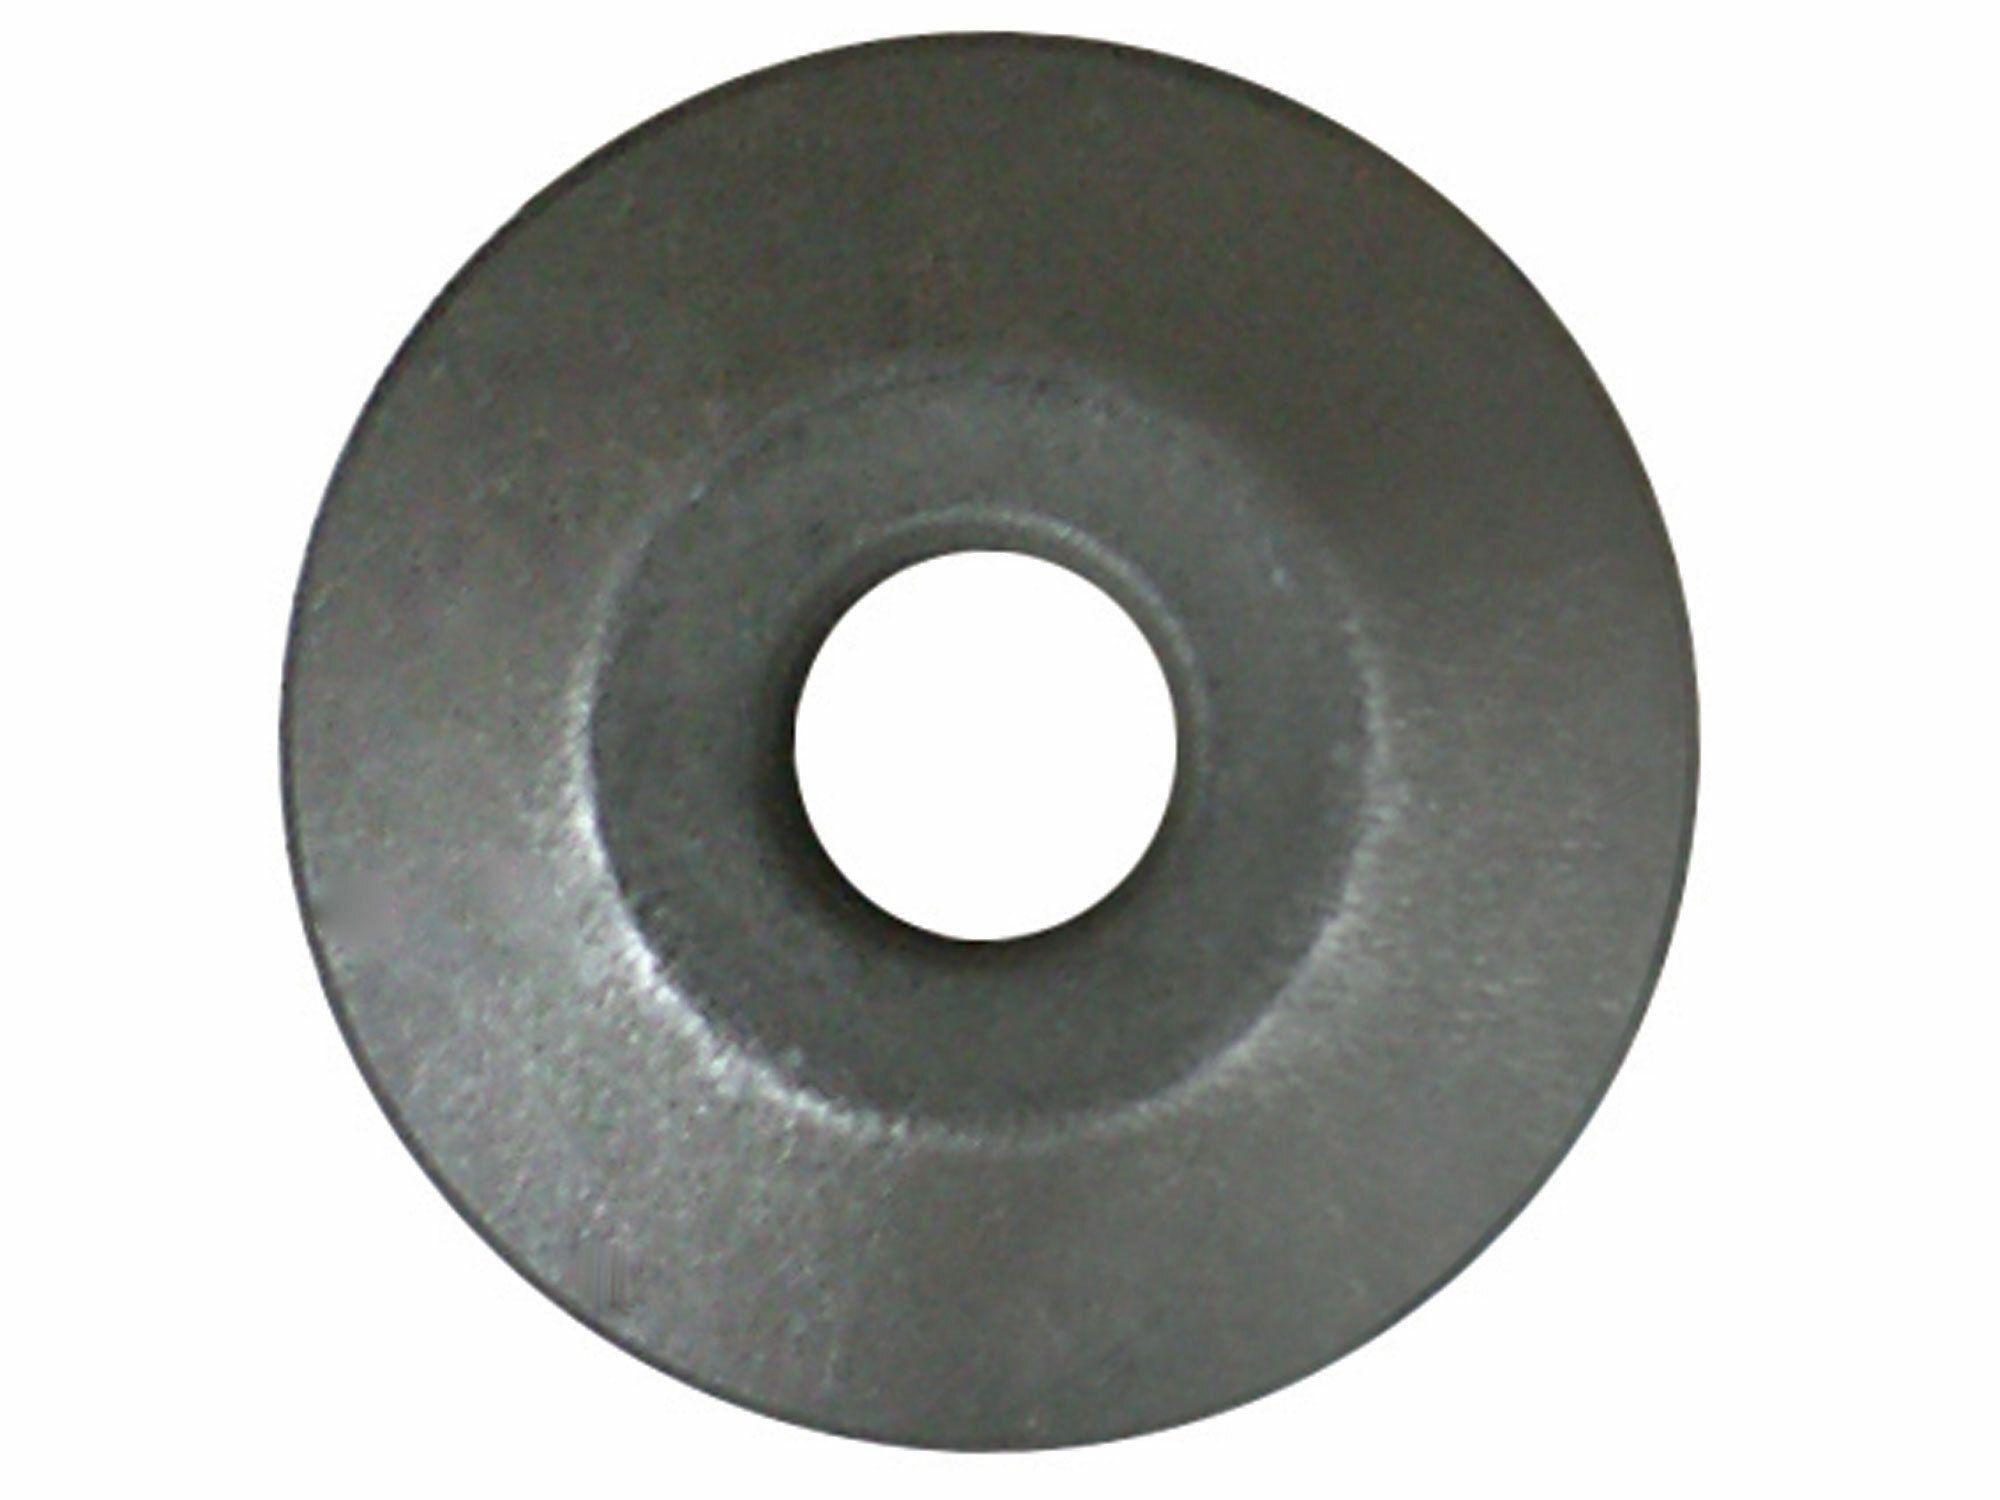 Kolečko řezací, 22x6x5mm, pro řezačky 4770801,(802), (803)8841012,(013)a(014) FORTUM